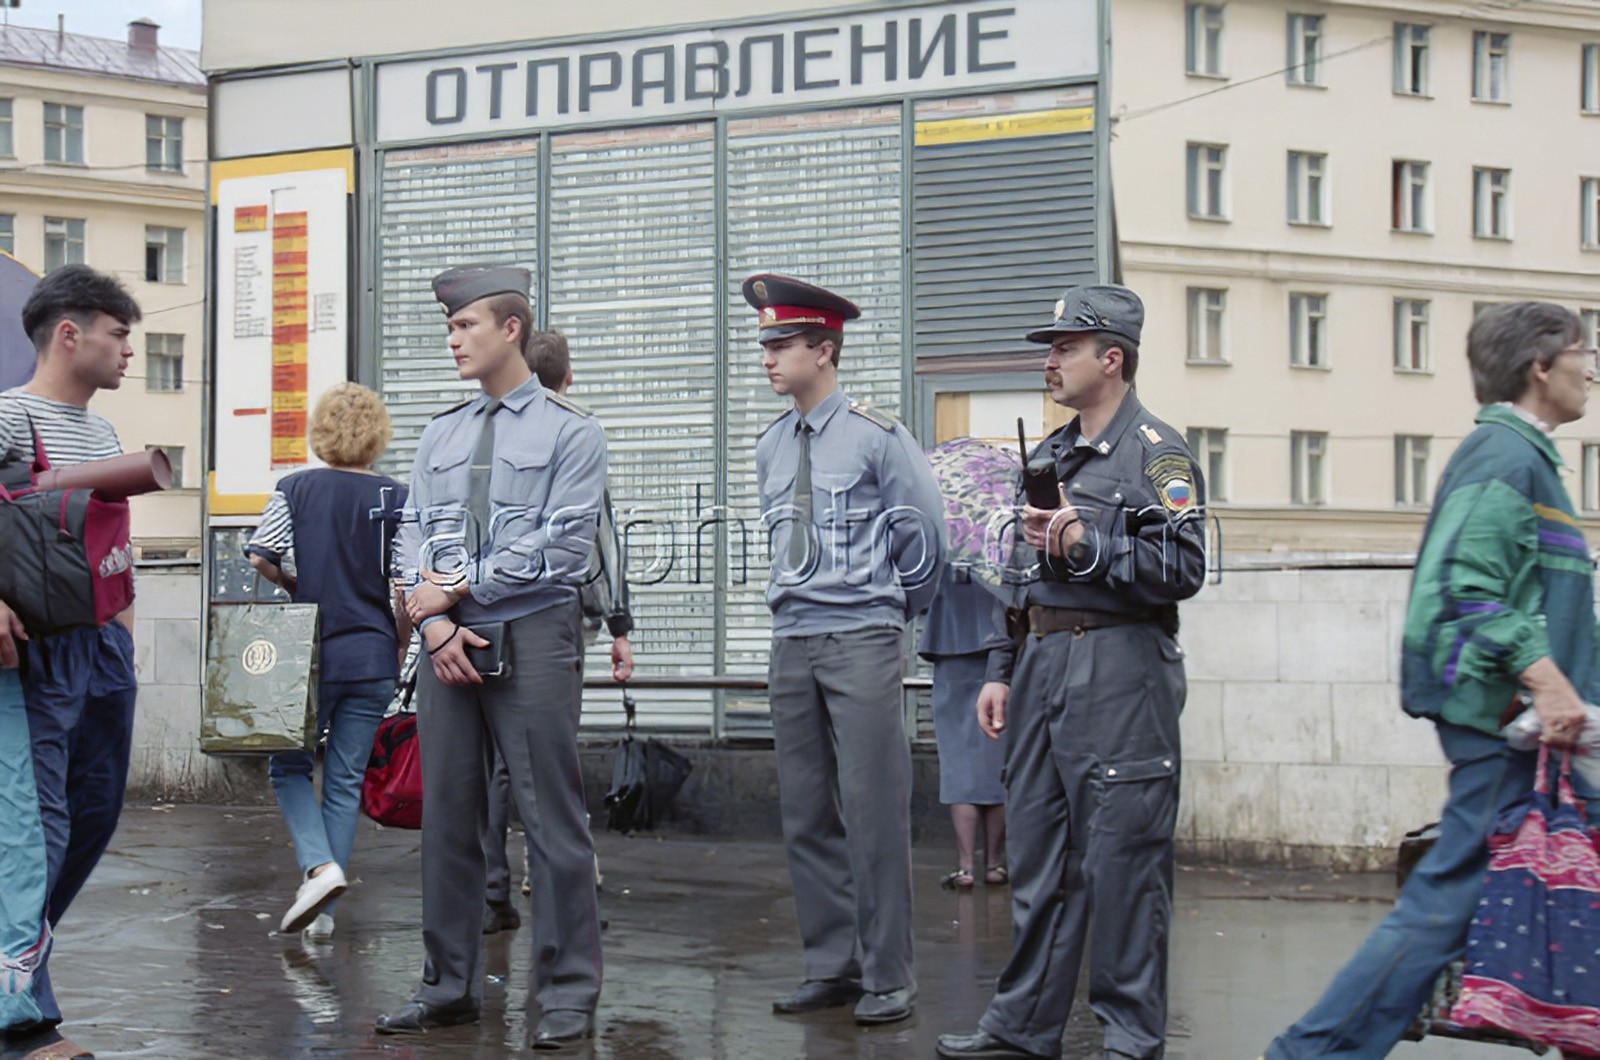 1996  2 июля 1996 г. Усиленный патруль у Киевского вокзала, организованный МВД России для обеспечения безопасности. Пахомова Людмила_cmpk